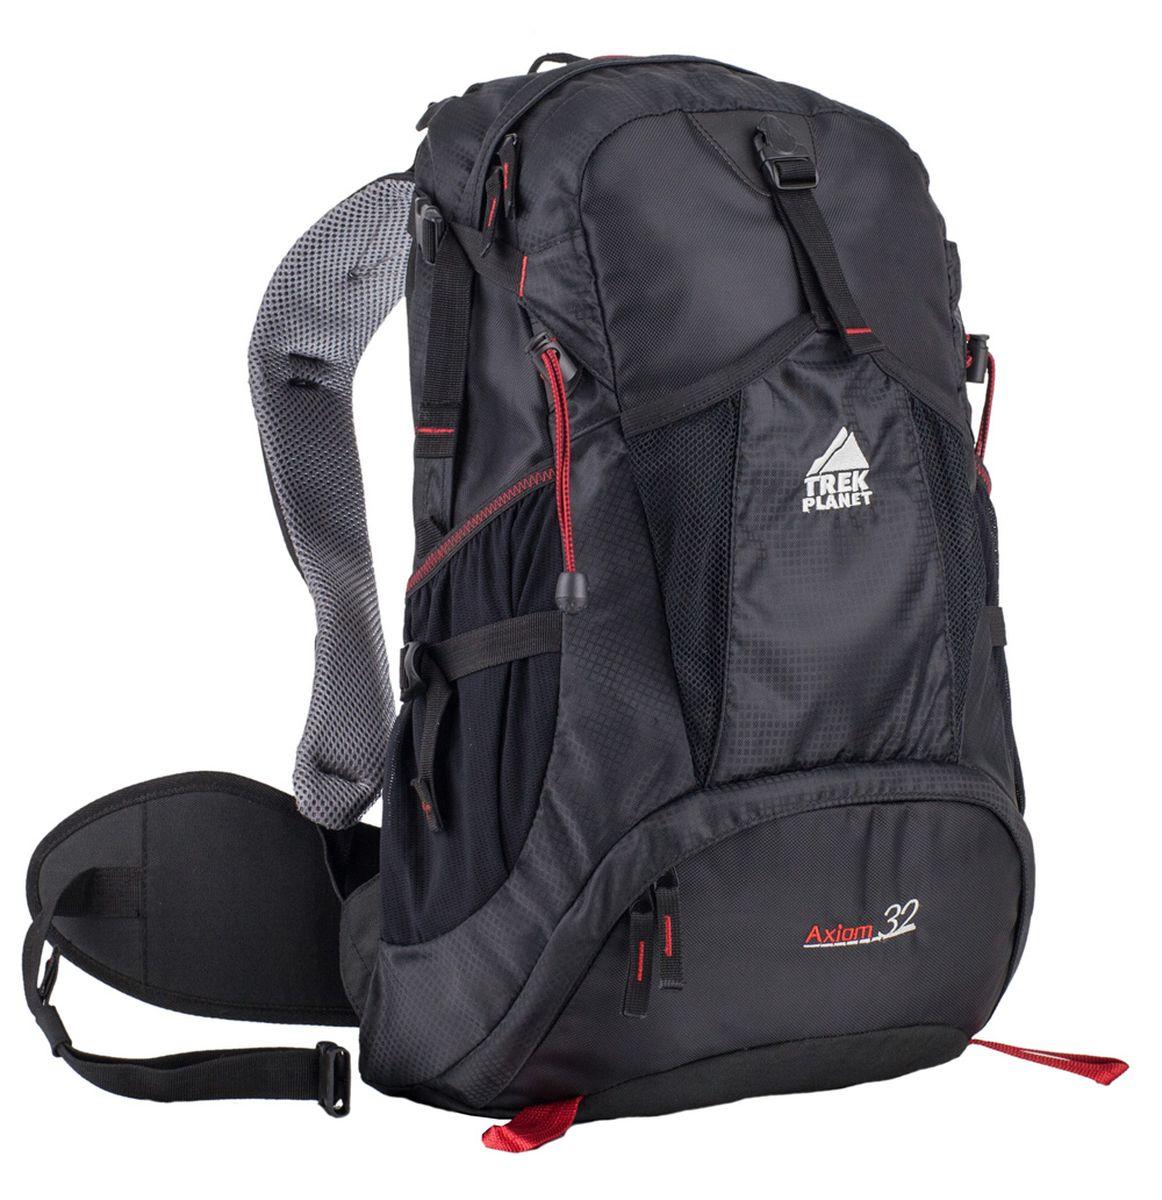 Рюкзак городской Trek Planet Axiom 32, цвет: черный рюкзак caribee trek цвет черный 32 л